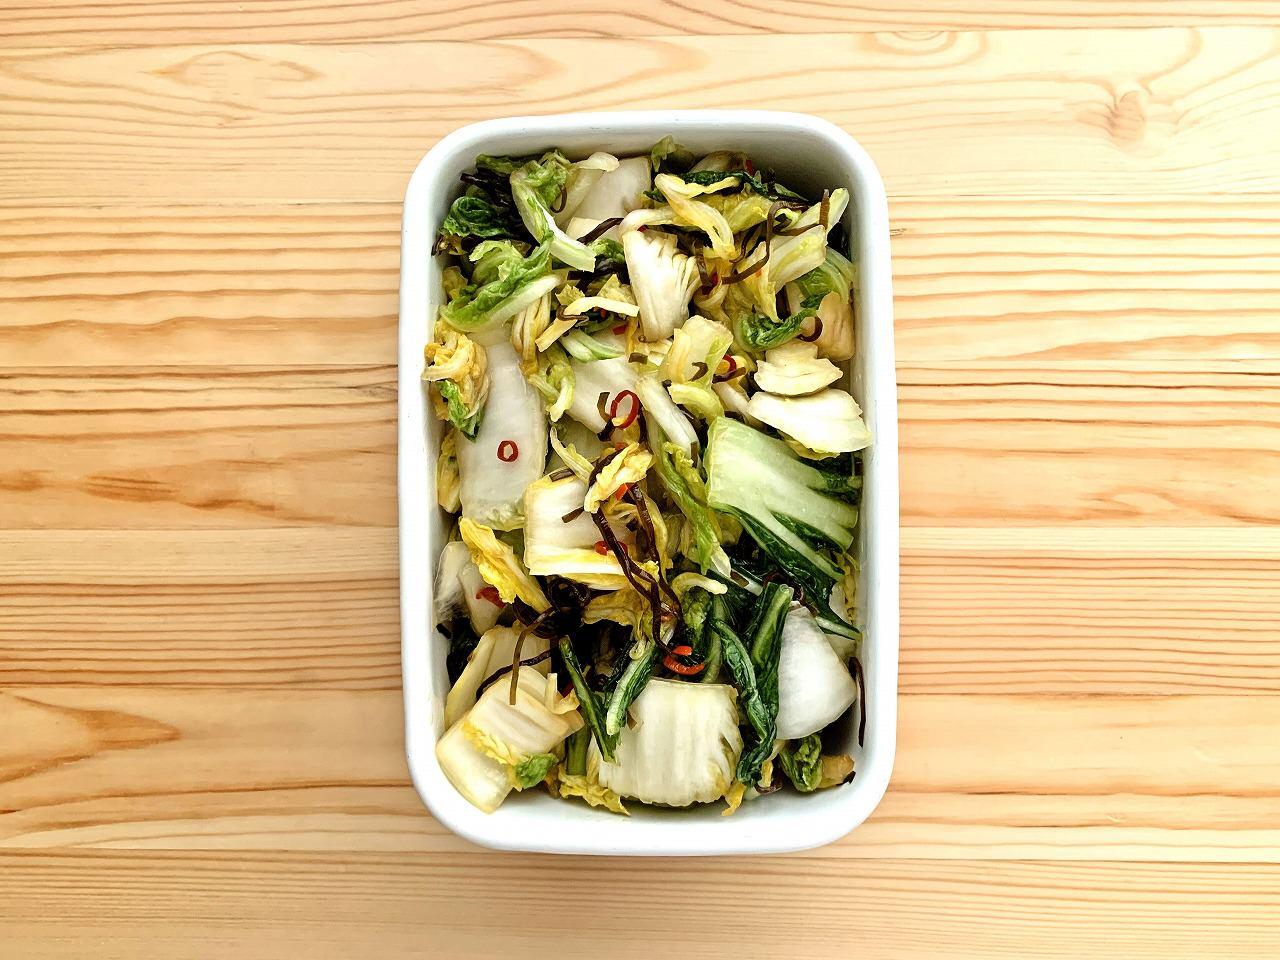 【野菜ひとつ】塩昆布で白菜の浅漬け風